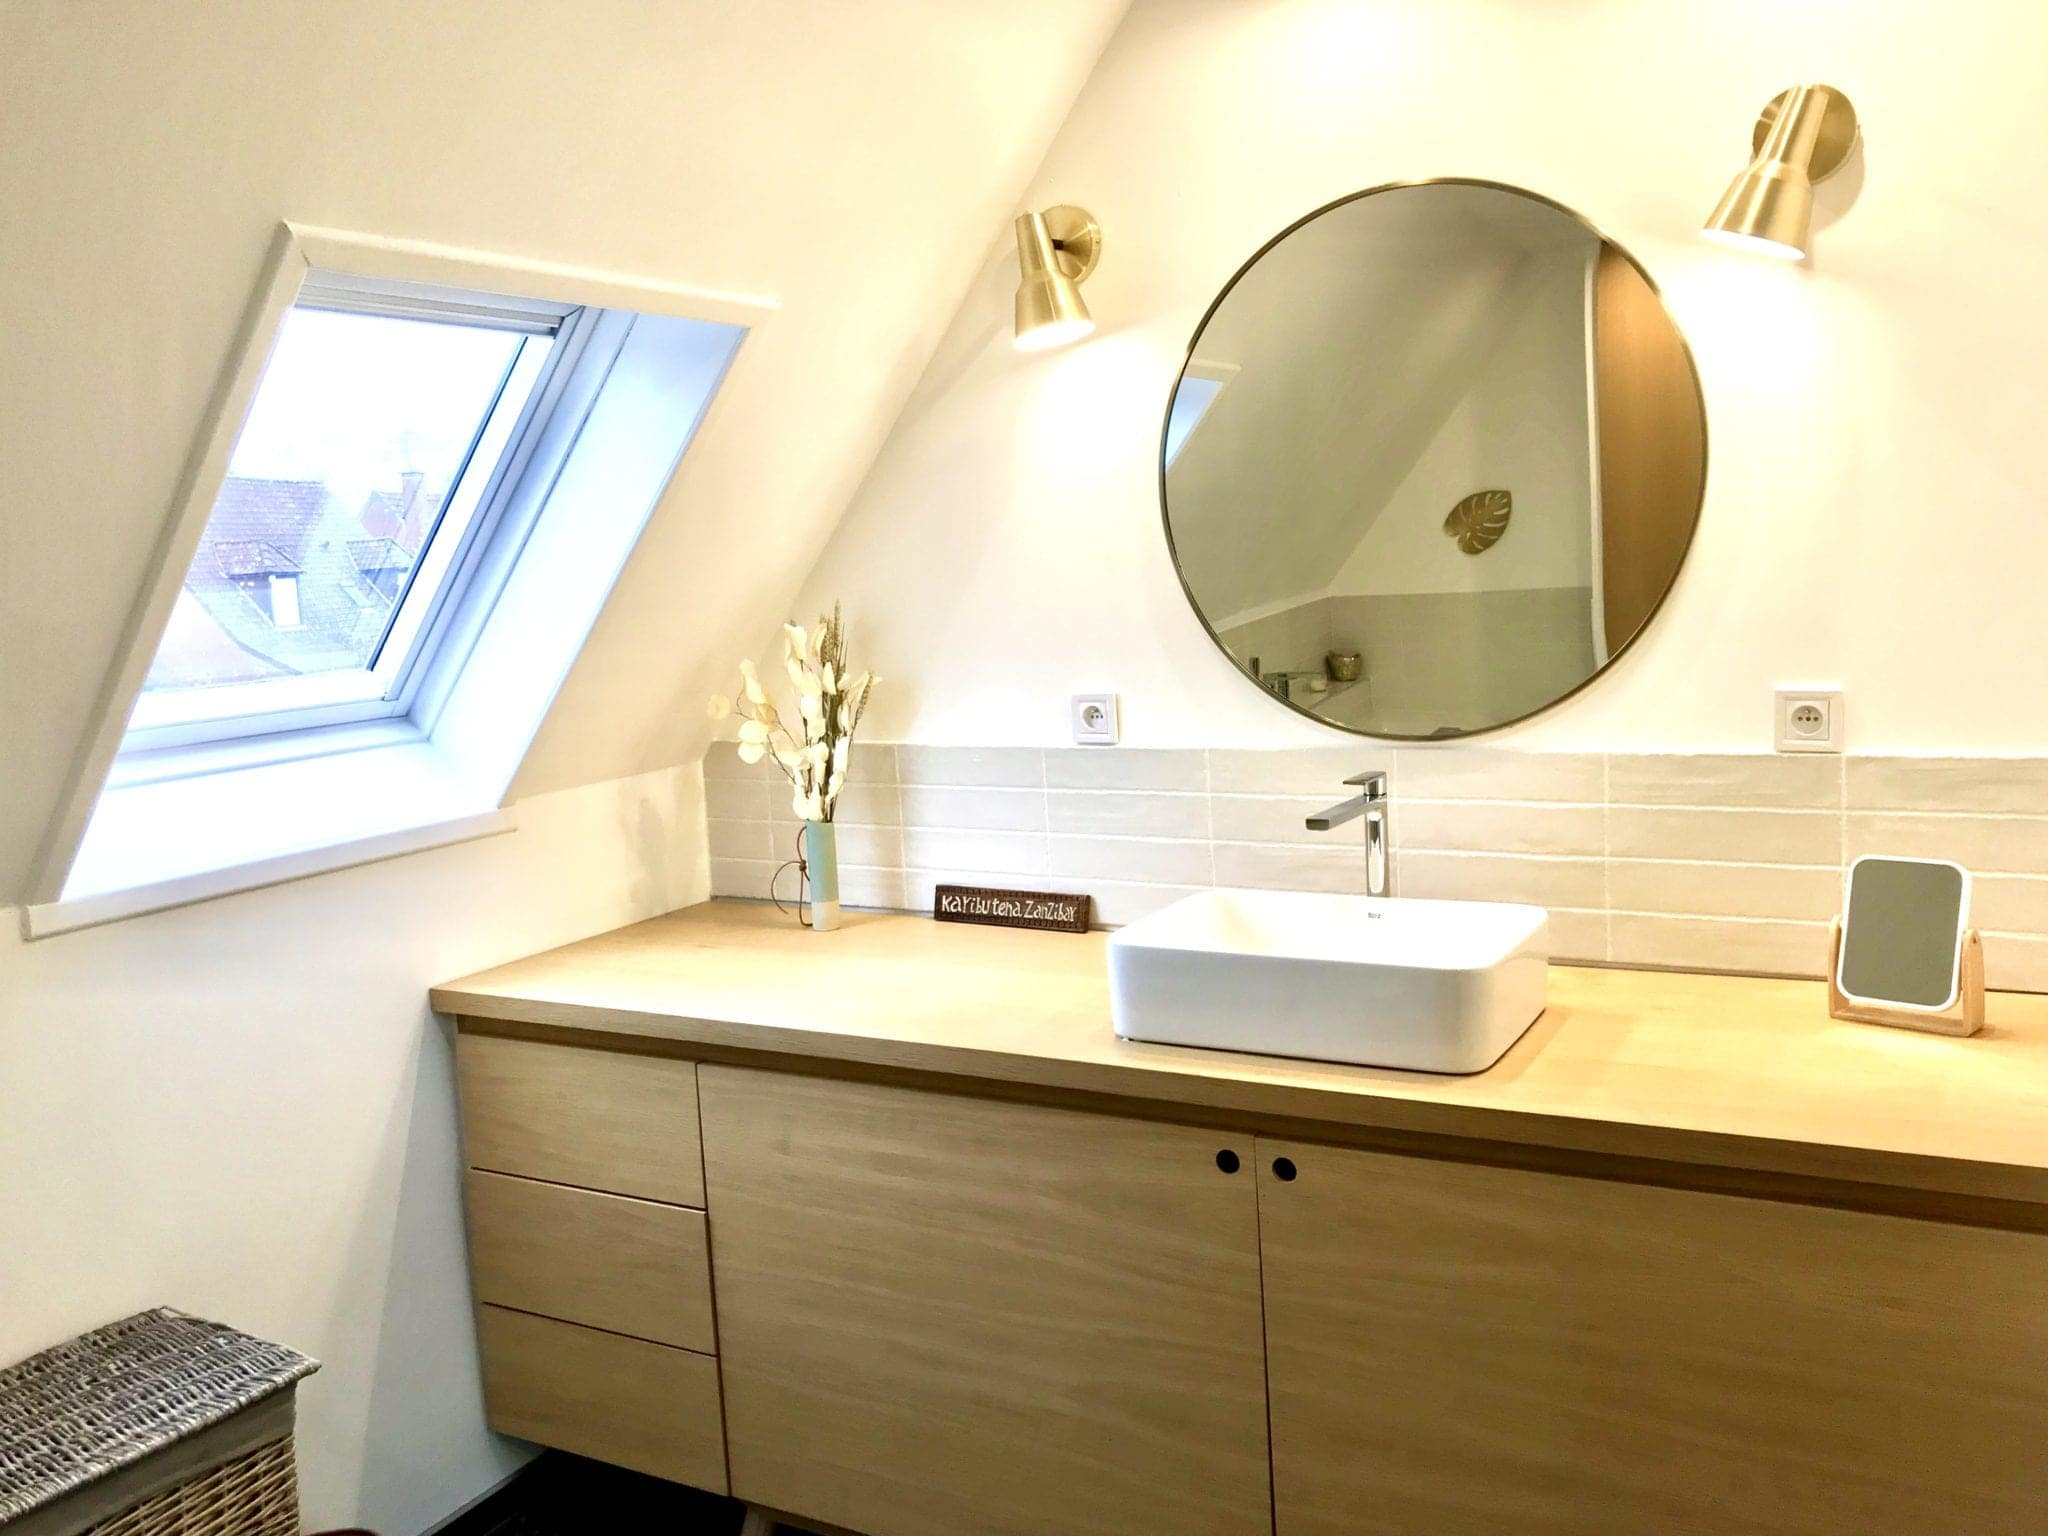 meuble vasque sur mesure avec vasque à poser et grand plan de travail pour changer les enfants